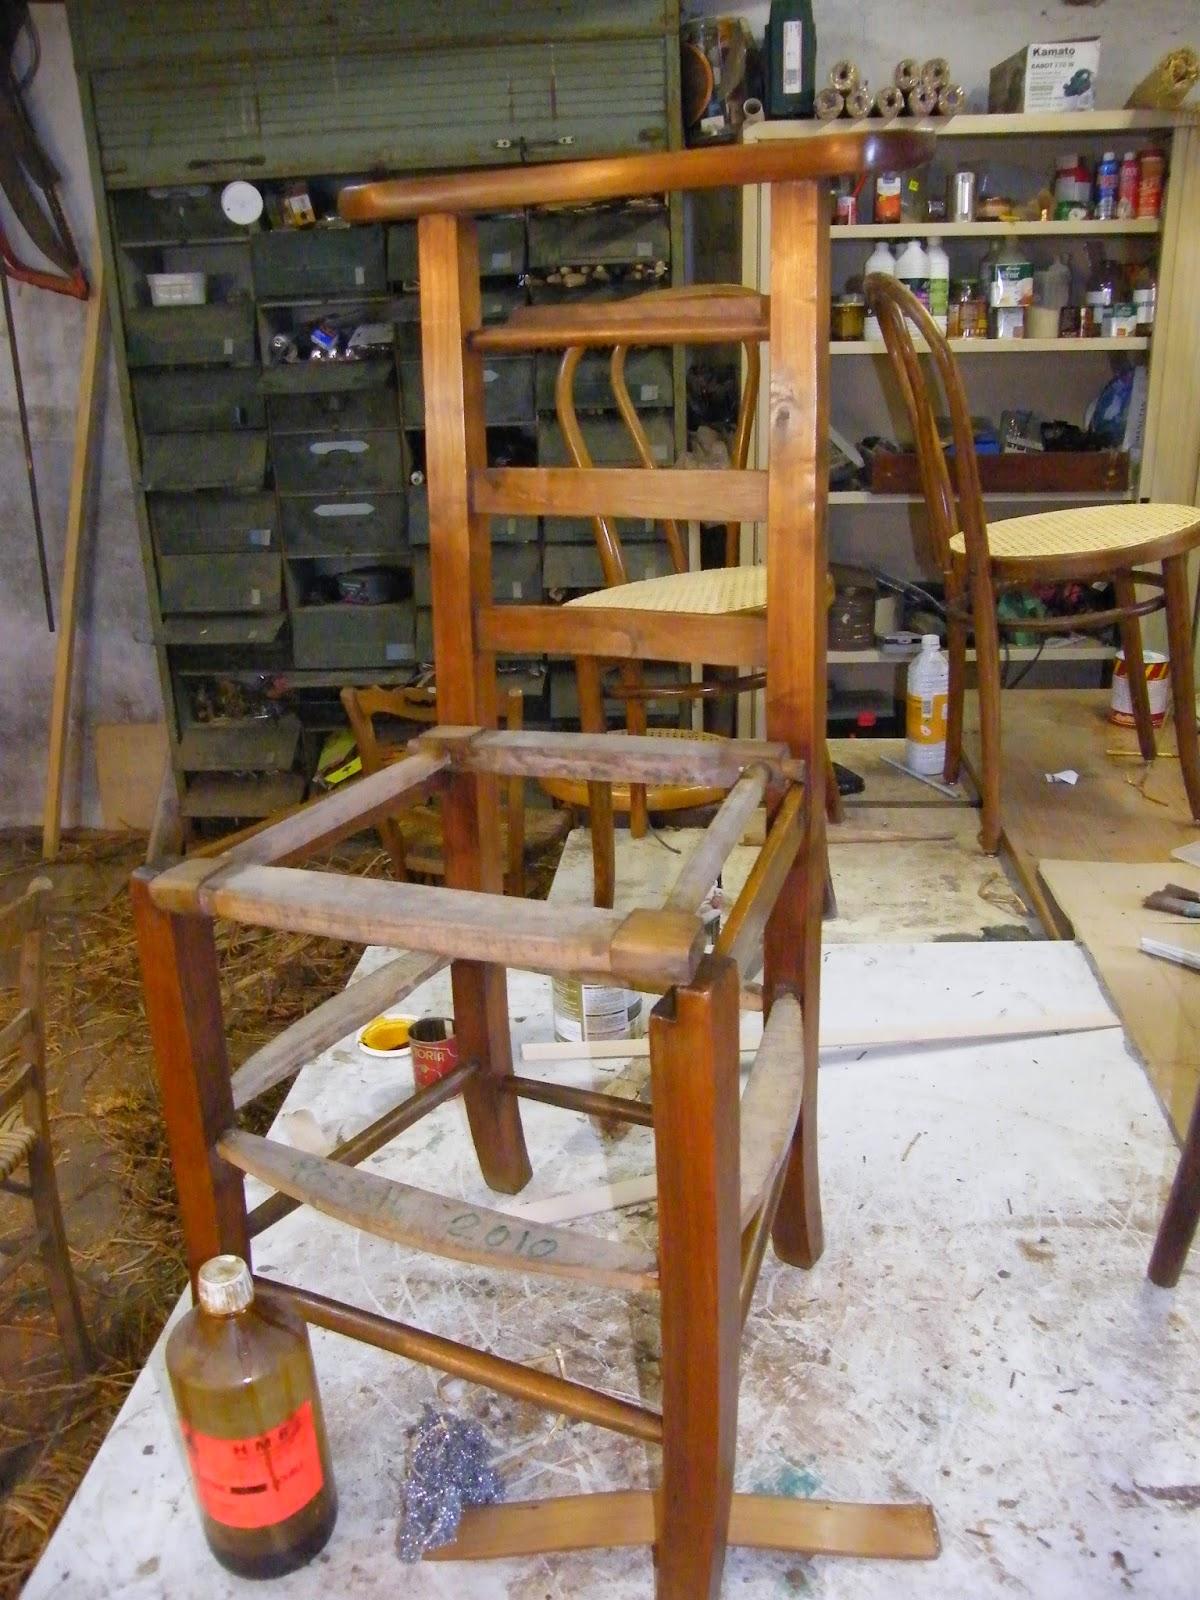 normandie cannage eb niste recollage bois petites r parations barreaux et cache paille. Black Bedroom Furniture Sets. Home Design Ideas